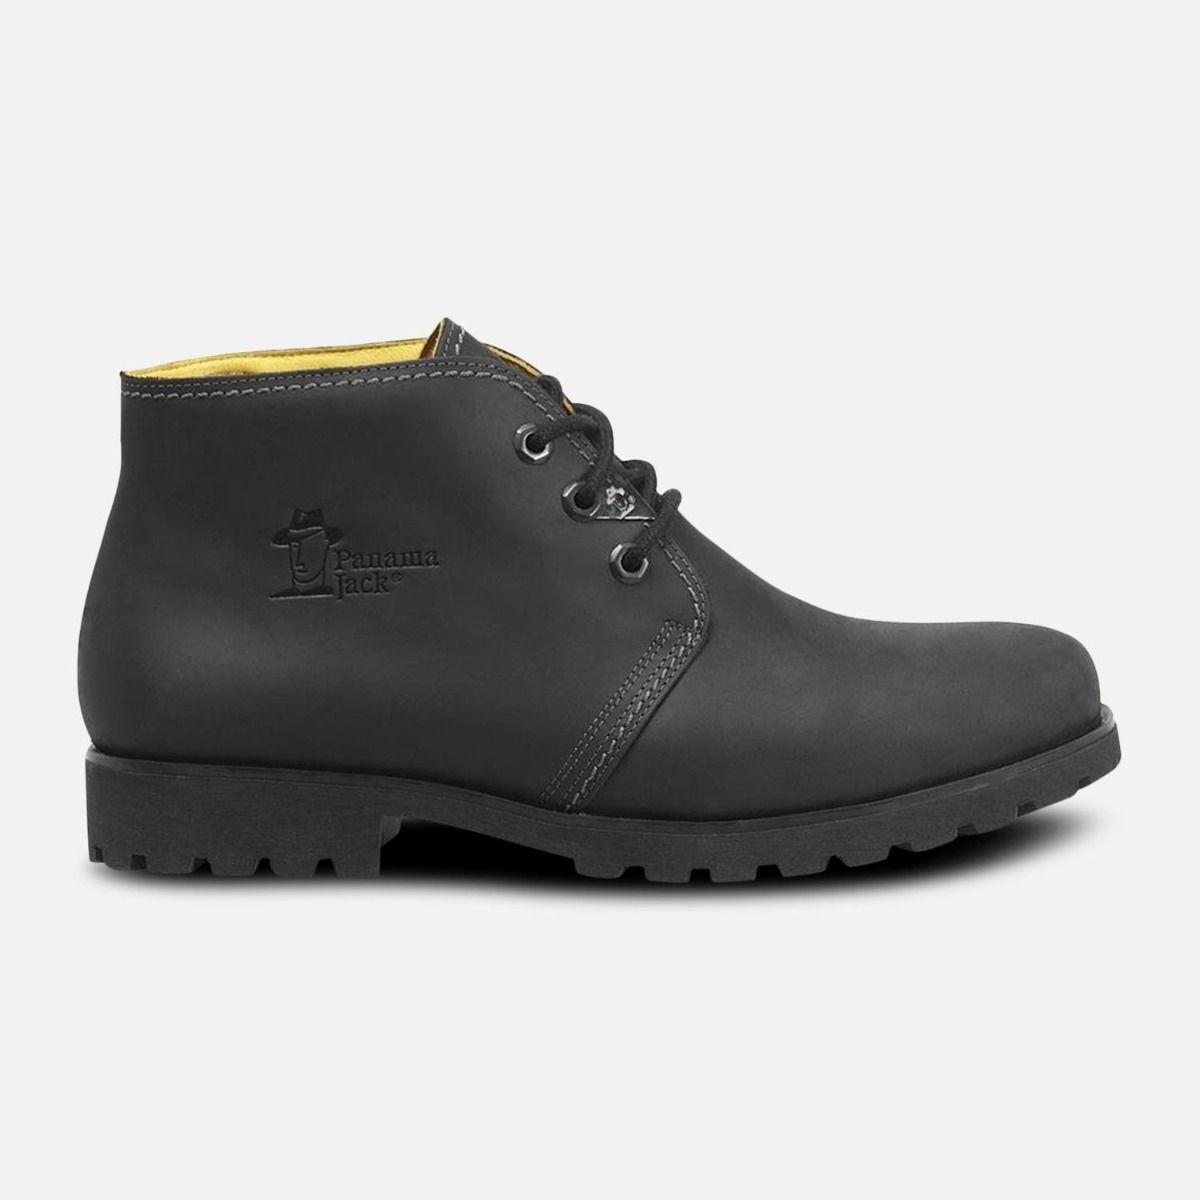 Mr Panama Jack Black Waxy Waterproof Havana Joe Chukka Boots